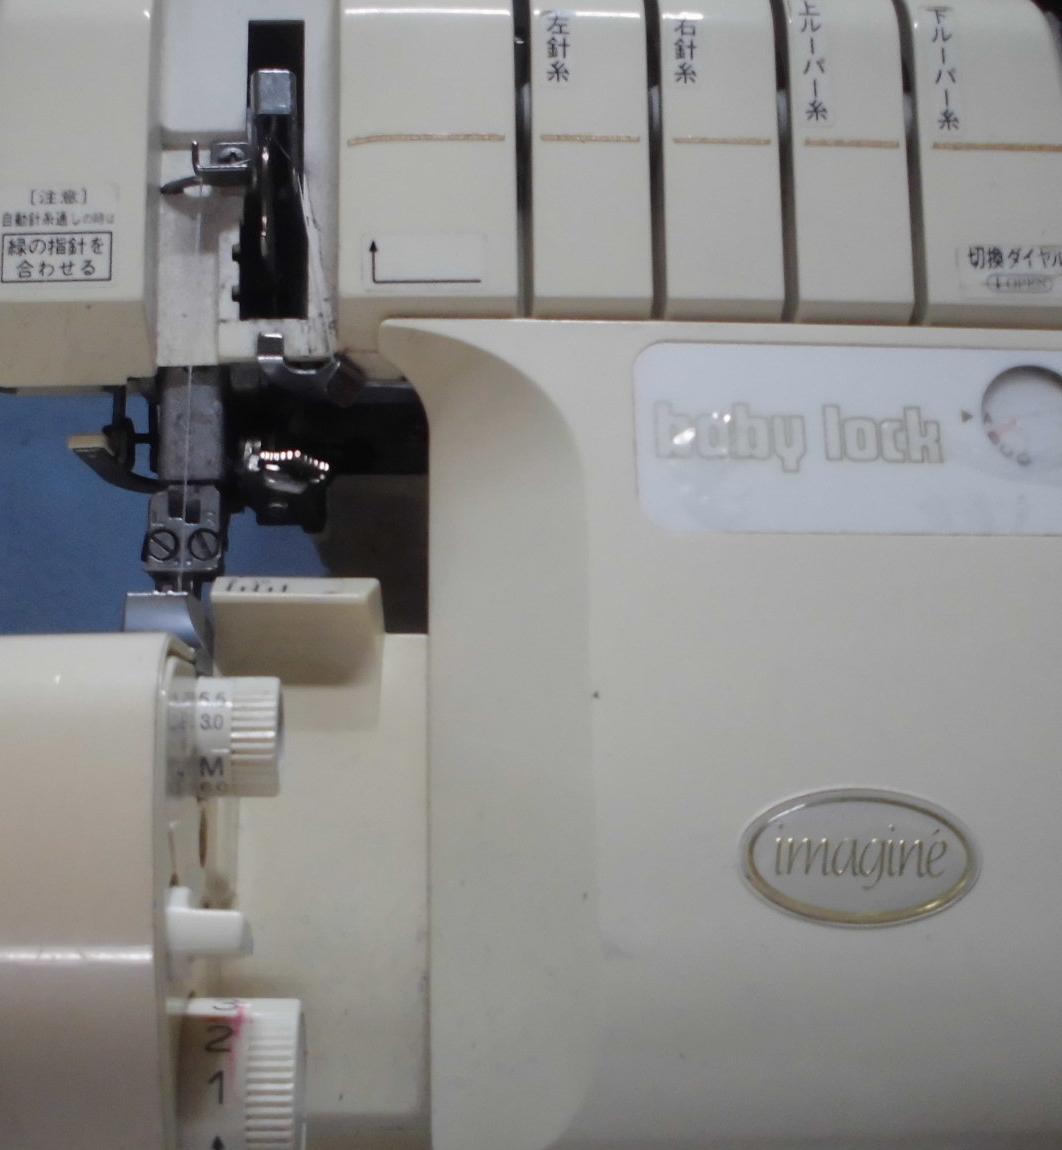 ベビーロックミシンの修理|イマジン|部品の破損、布を切らない、縫えない、動かない